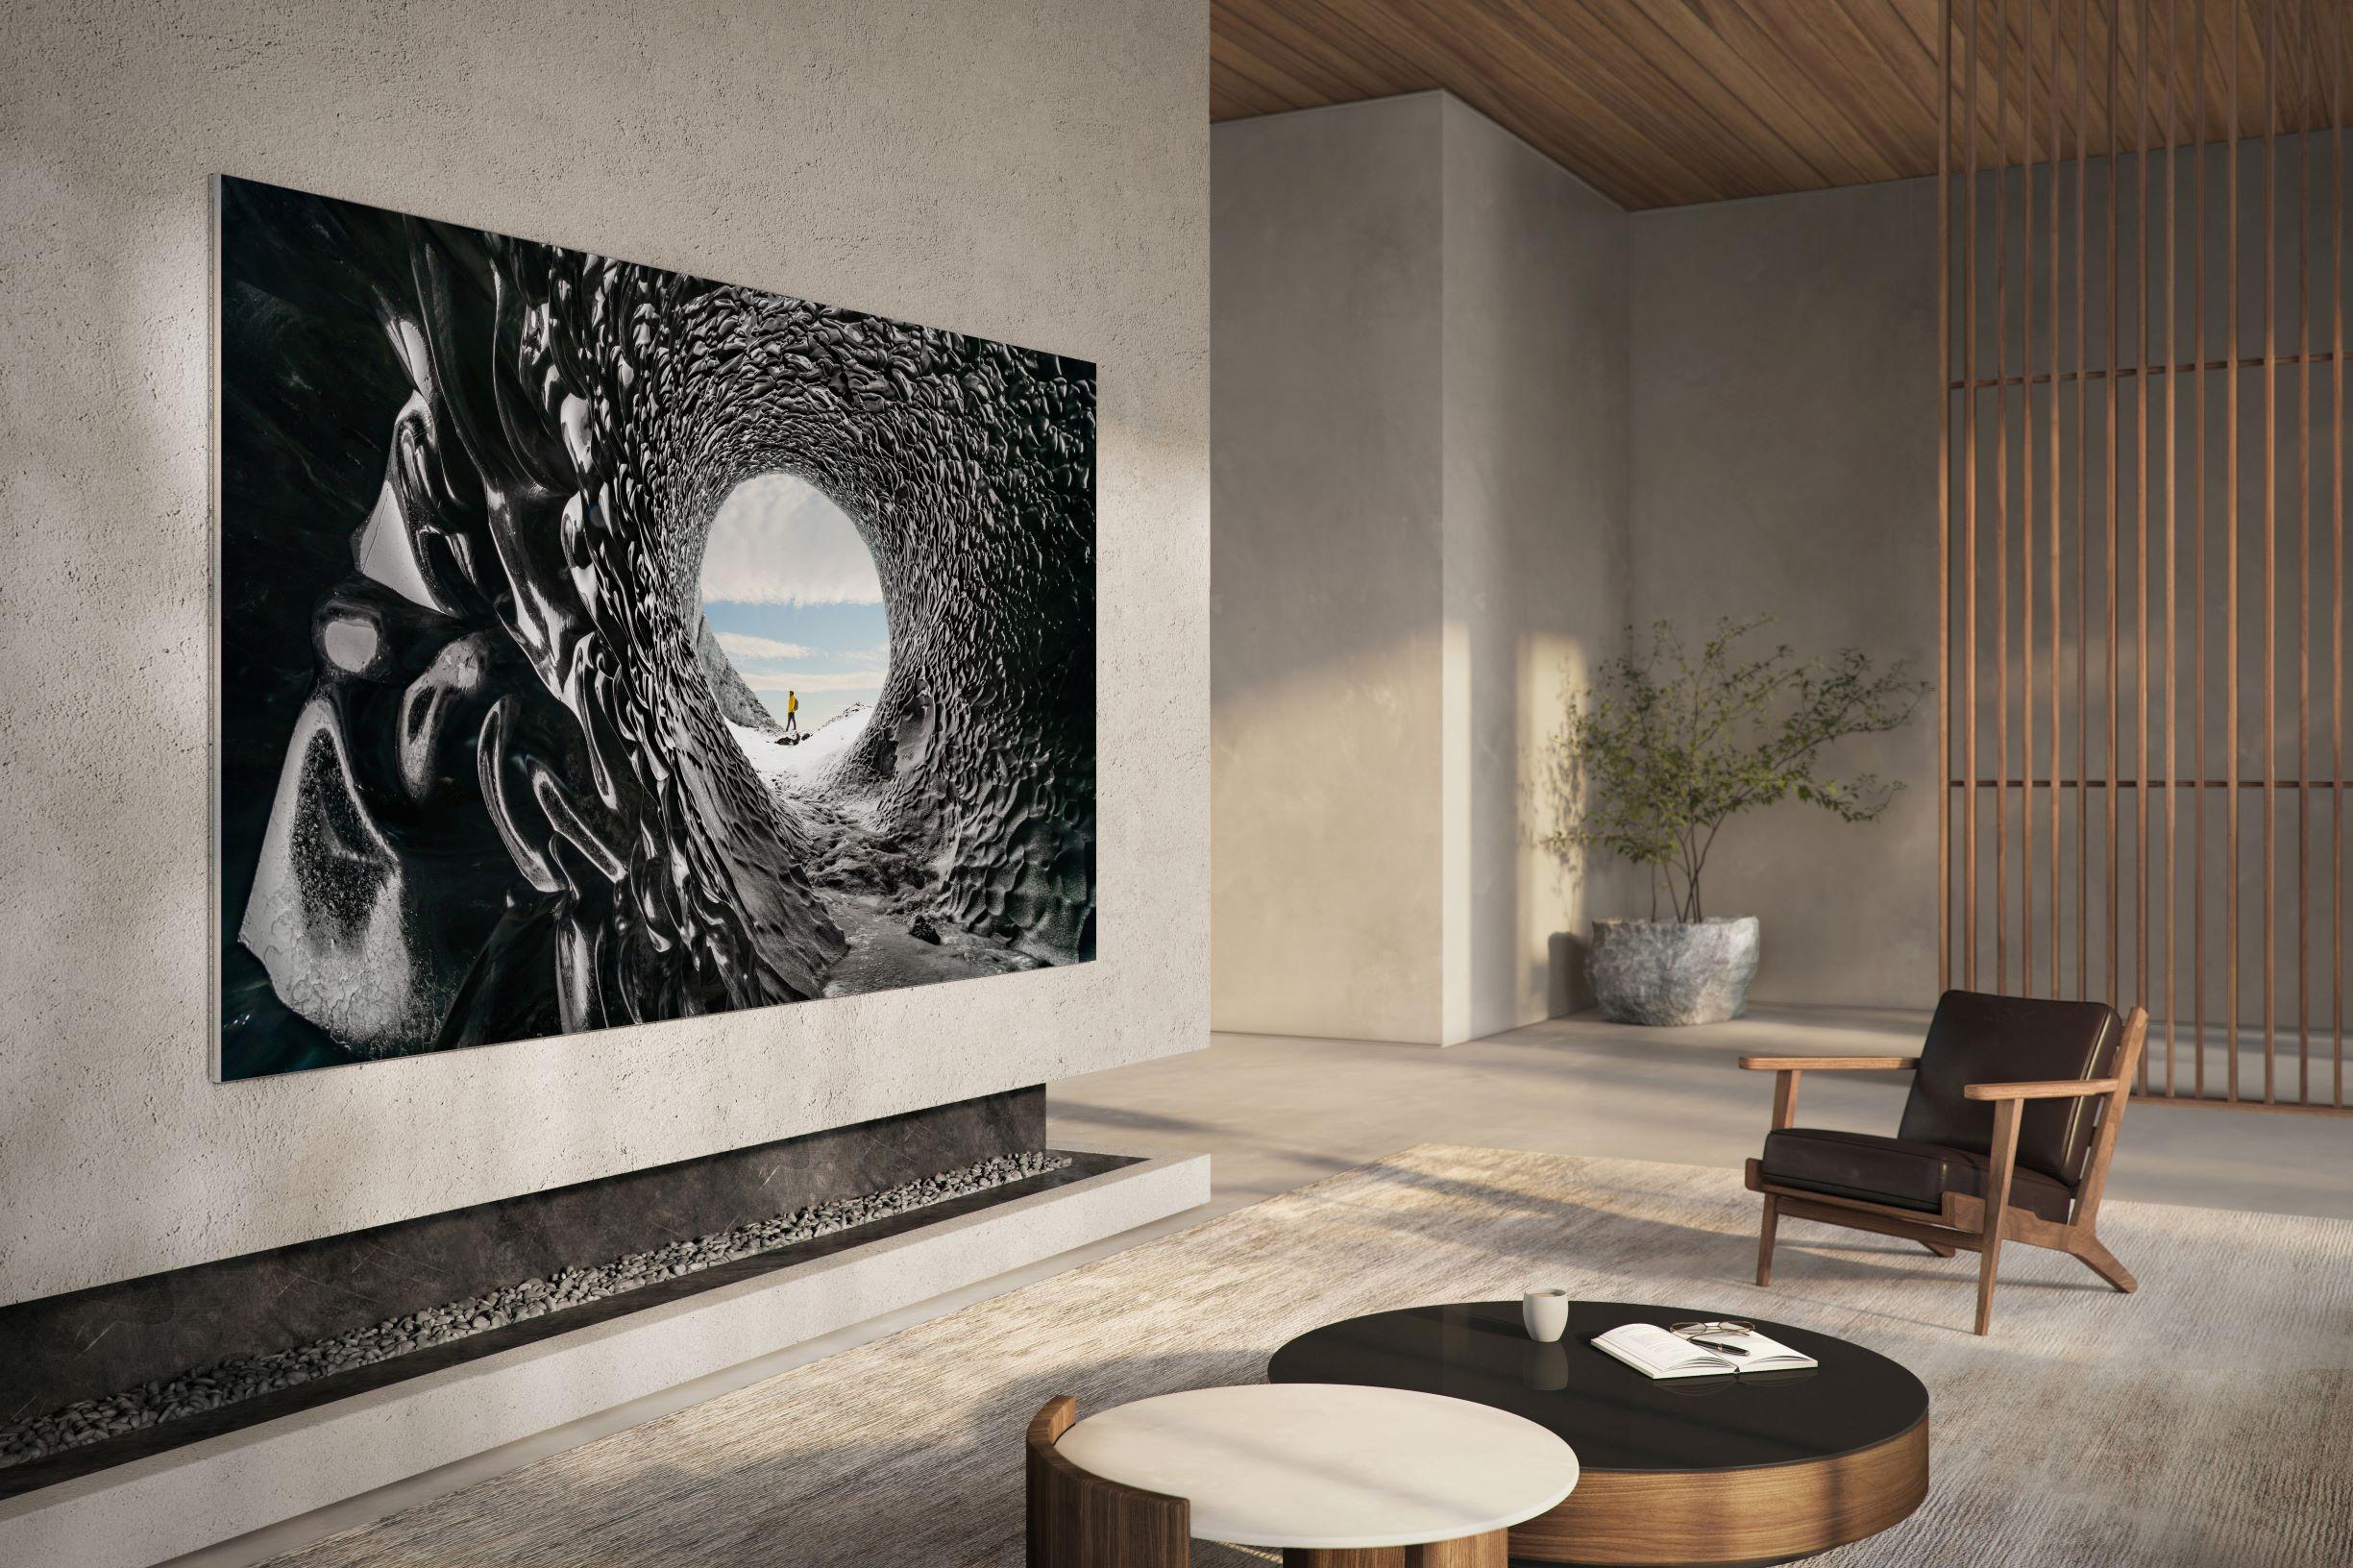 Televisores, una extensión del estilo de vida